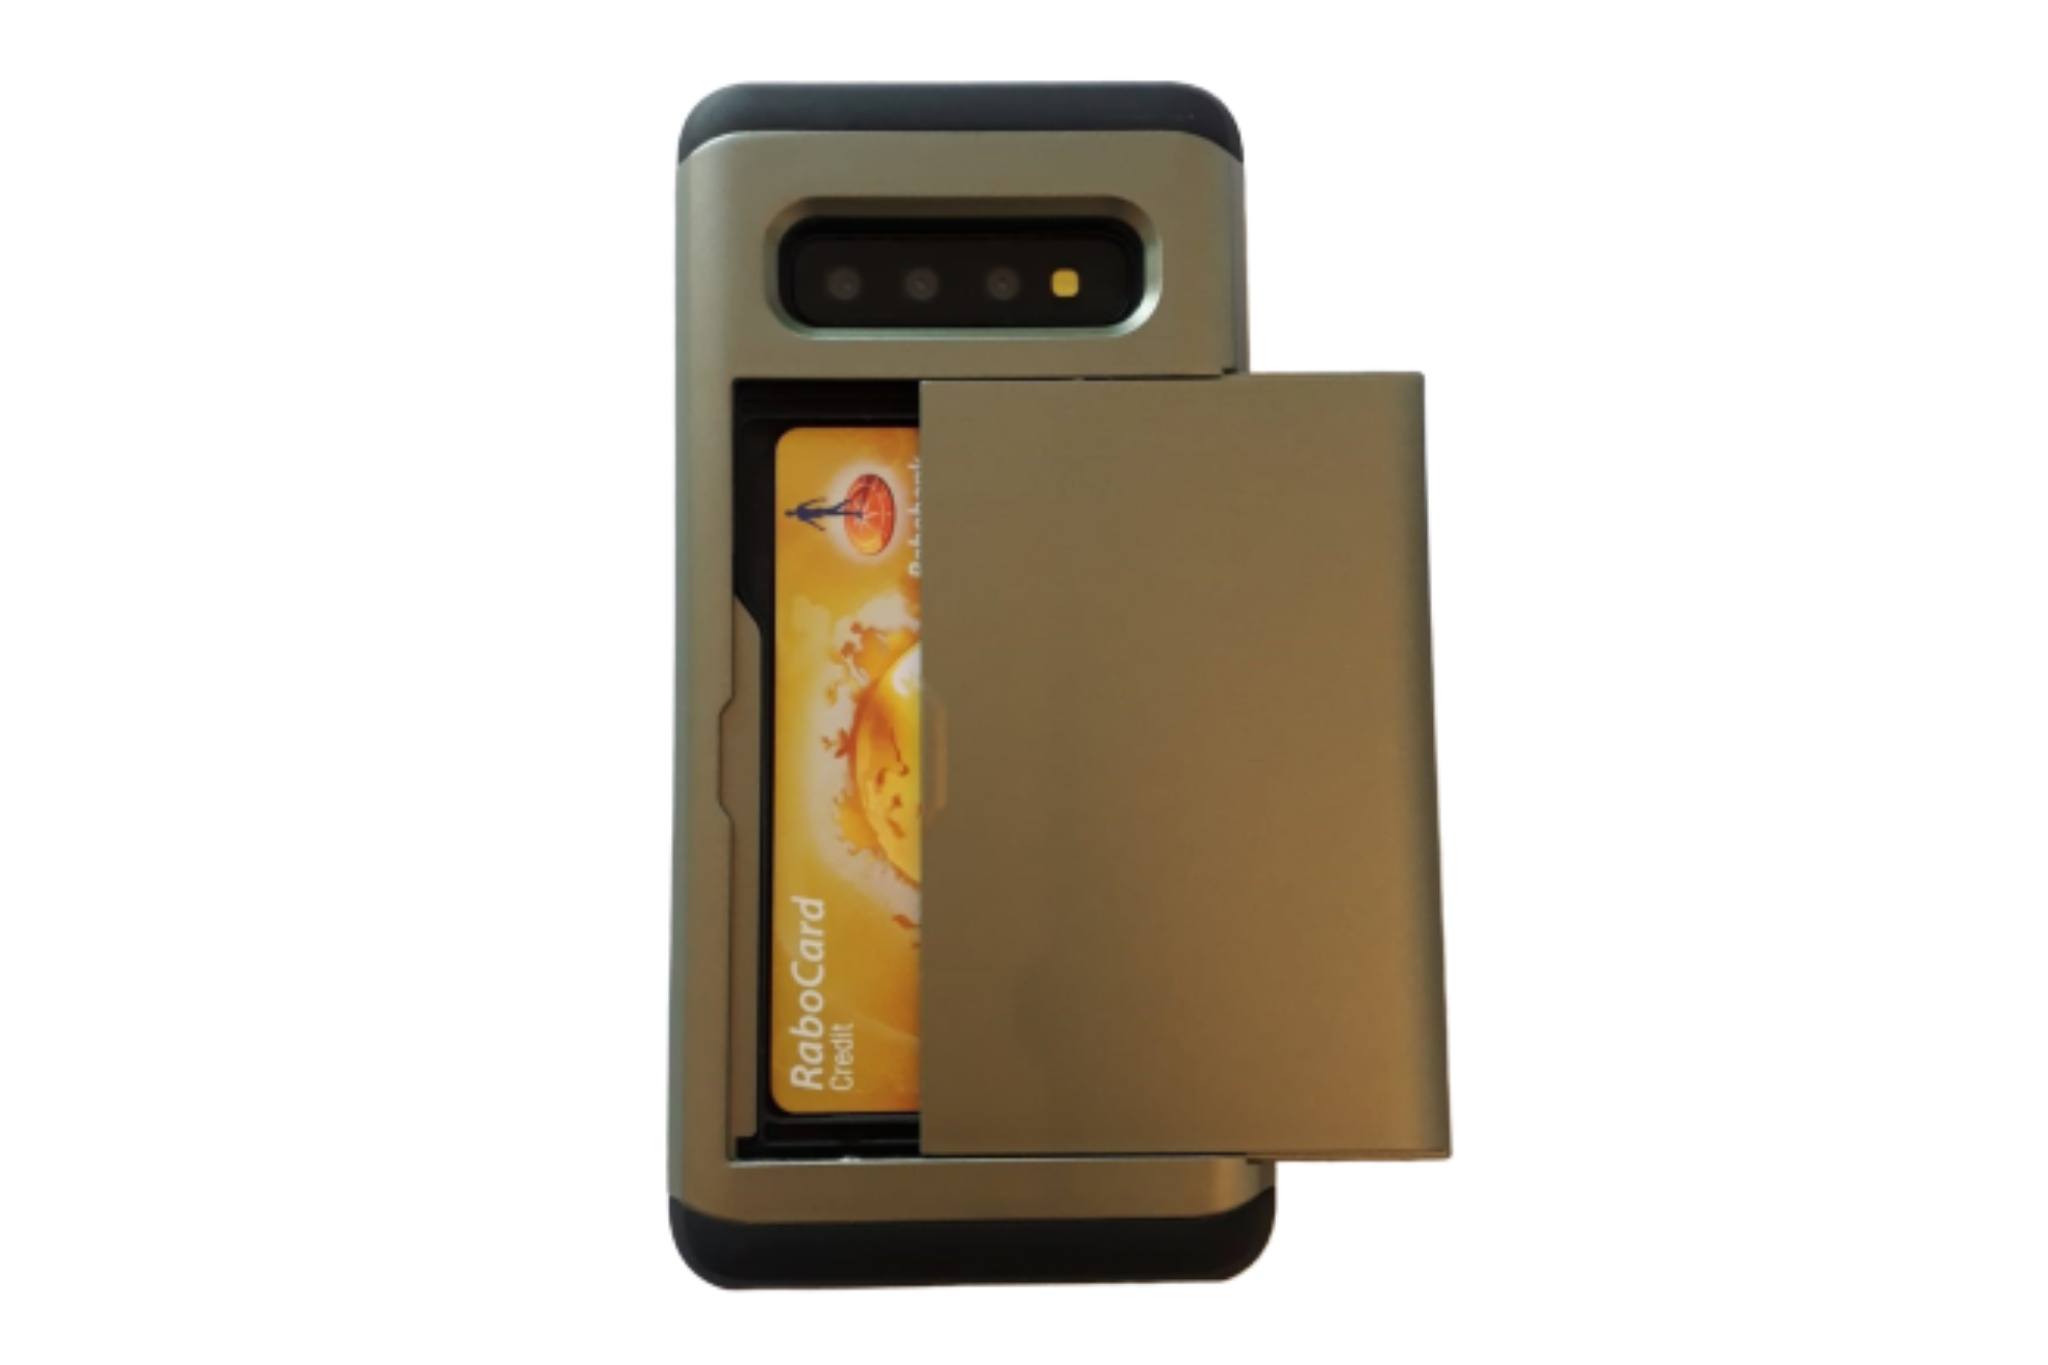 Smartphonehoesje Samsung Note 10 | Pasjesschuif | Chique groen